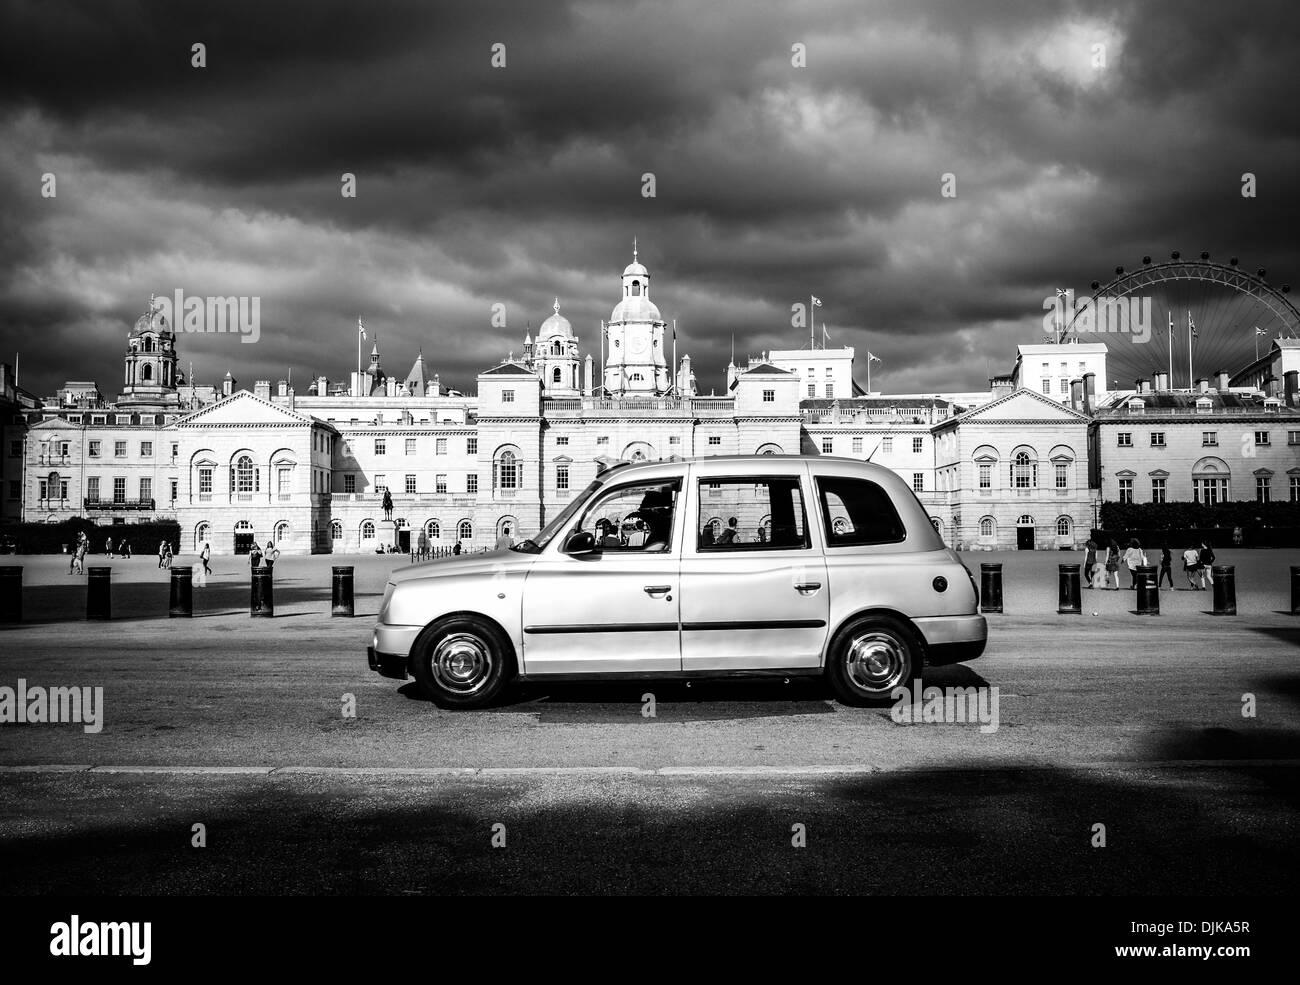 Il servizio taxi di fronte la sfilata delle Guardie a Cavallo, Londra, Inghilterra Immagini Stock